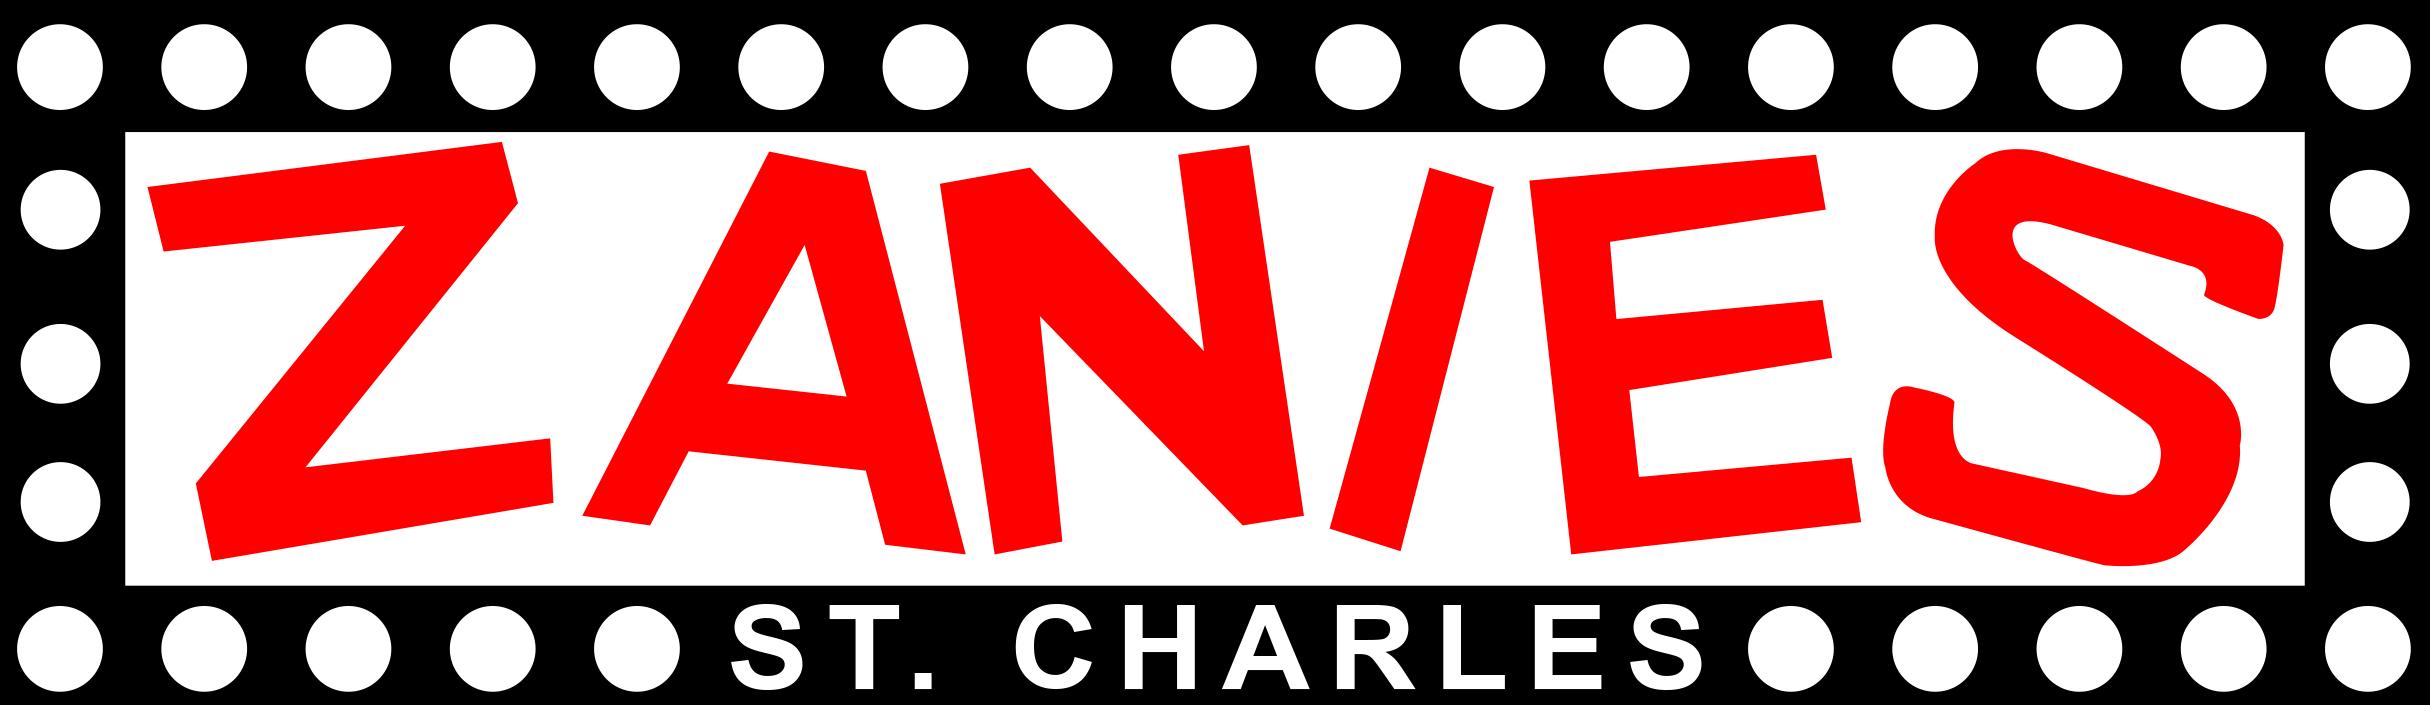 Zanies: St. Charles